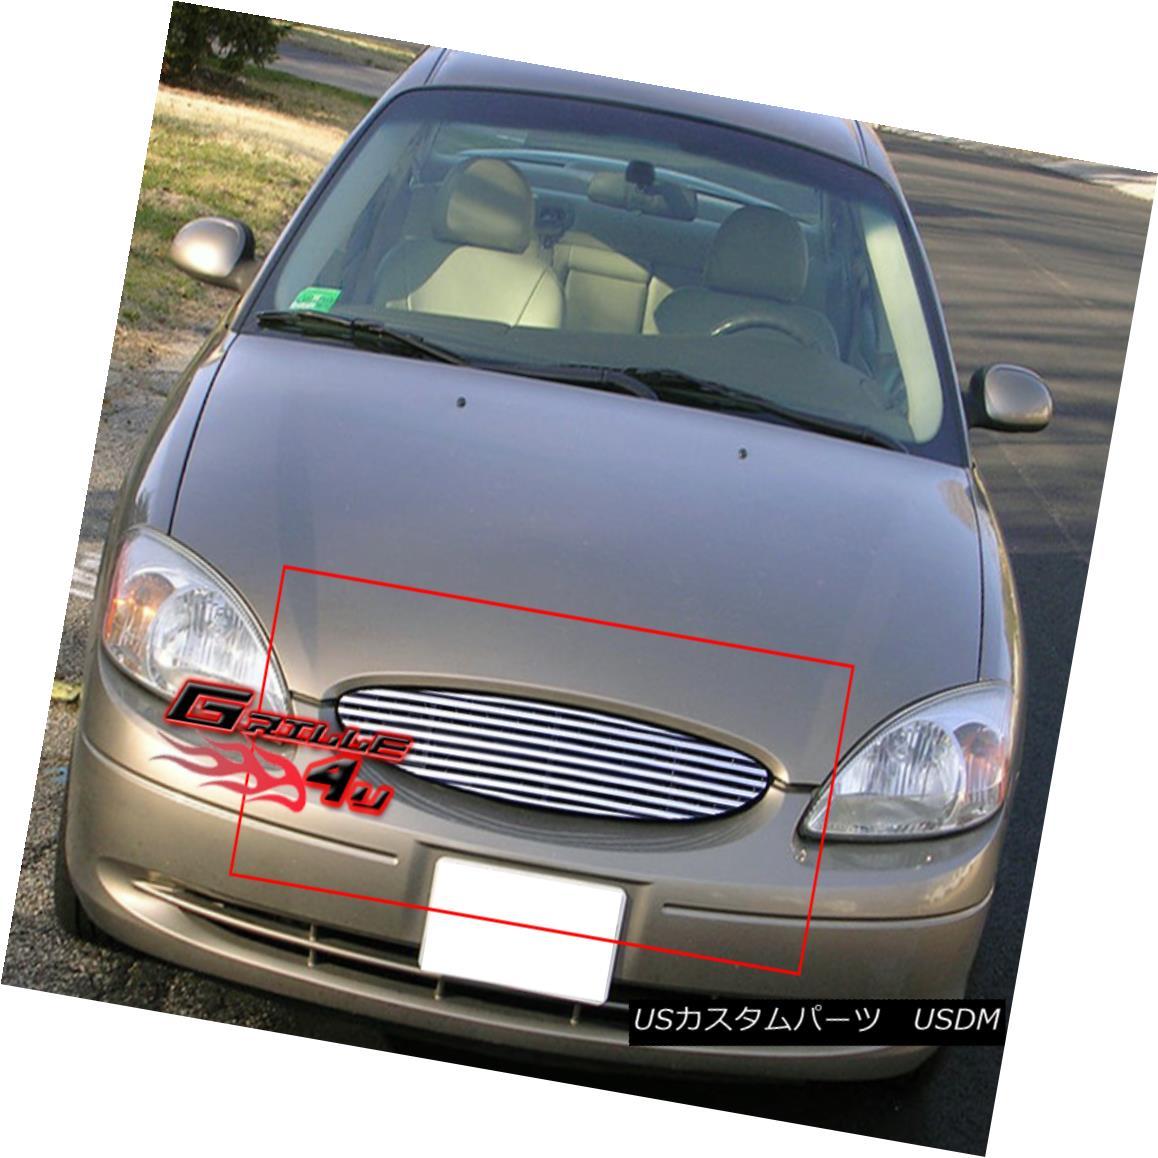 グリル Fits 2000-2003 Ford Taurus Perimeter Grille Insert 2000-2003 Ford Taurusペリメーターグリルインサートに適合